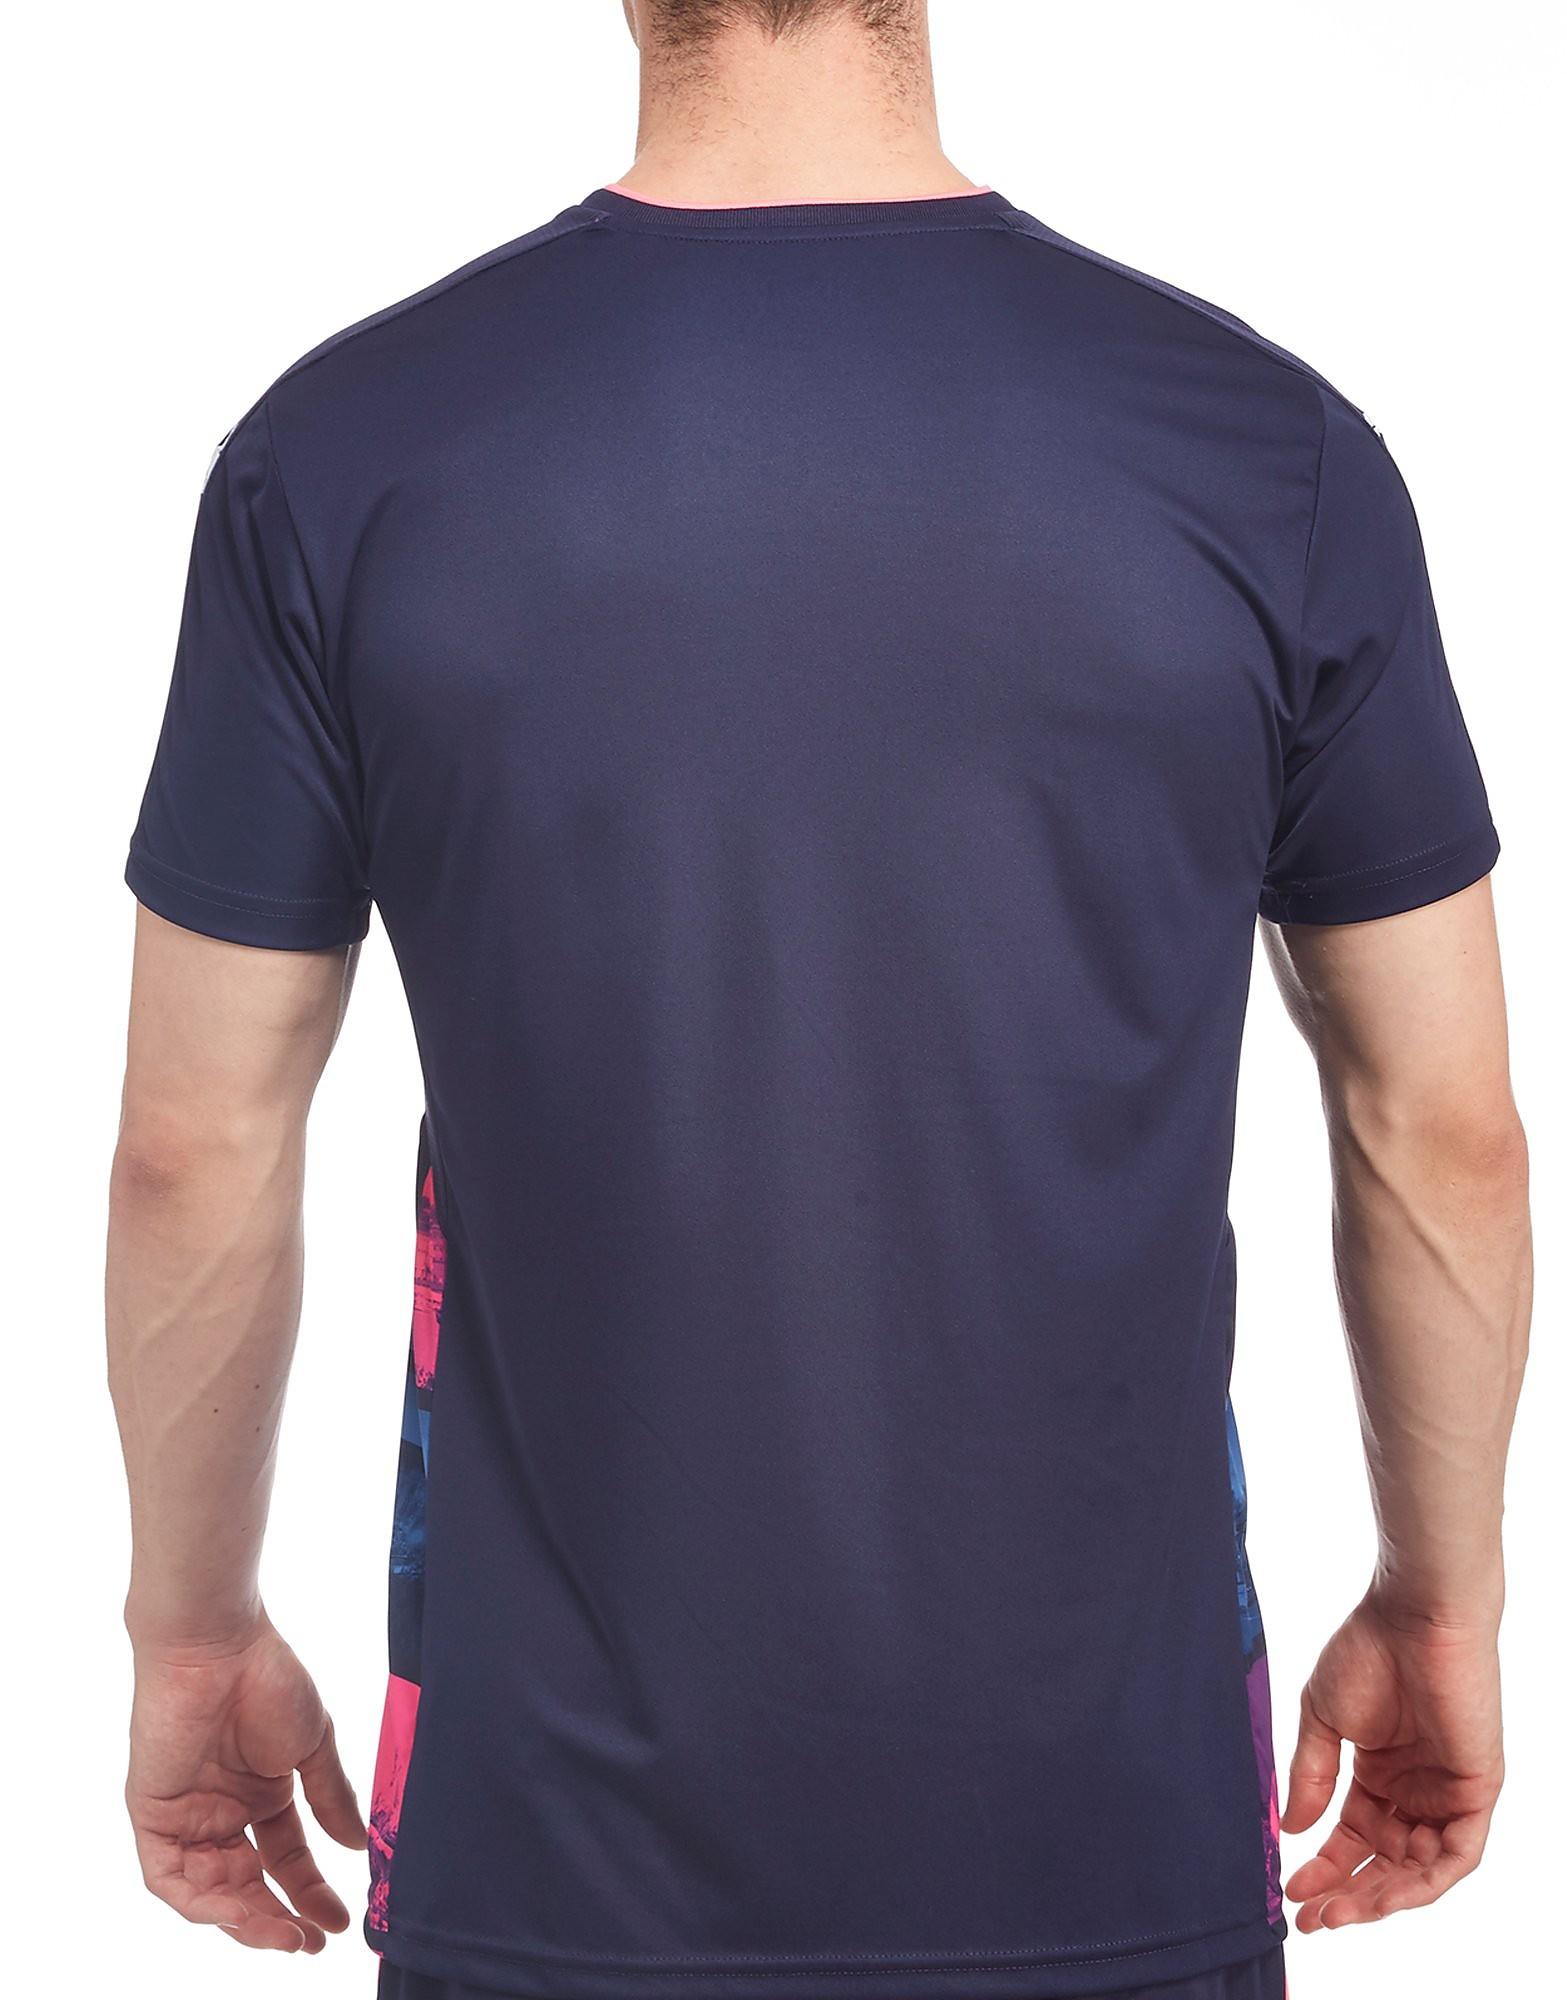 PUMA Bordeaux 2016/17 Third Shirt